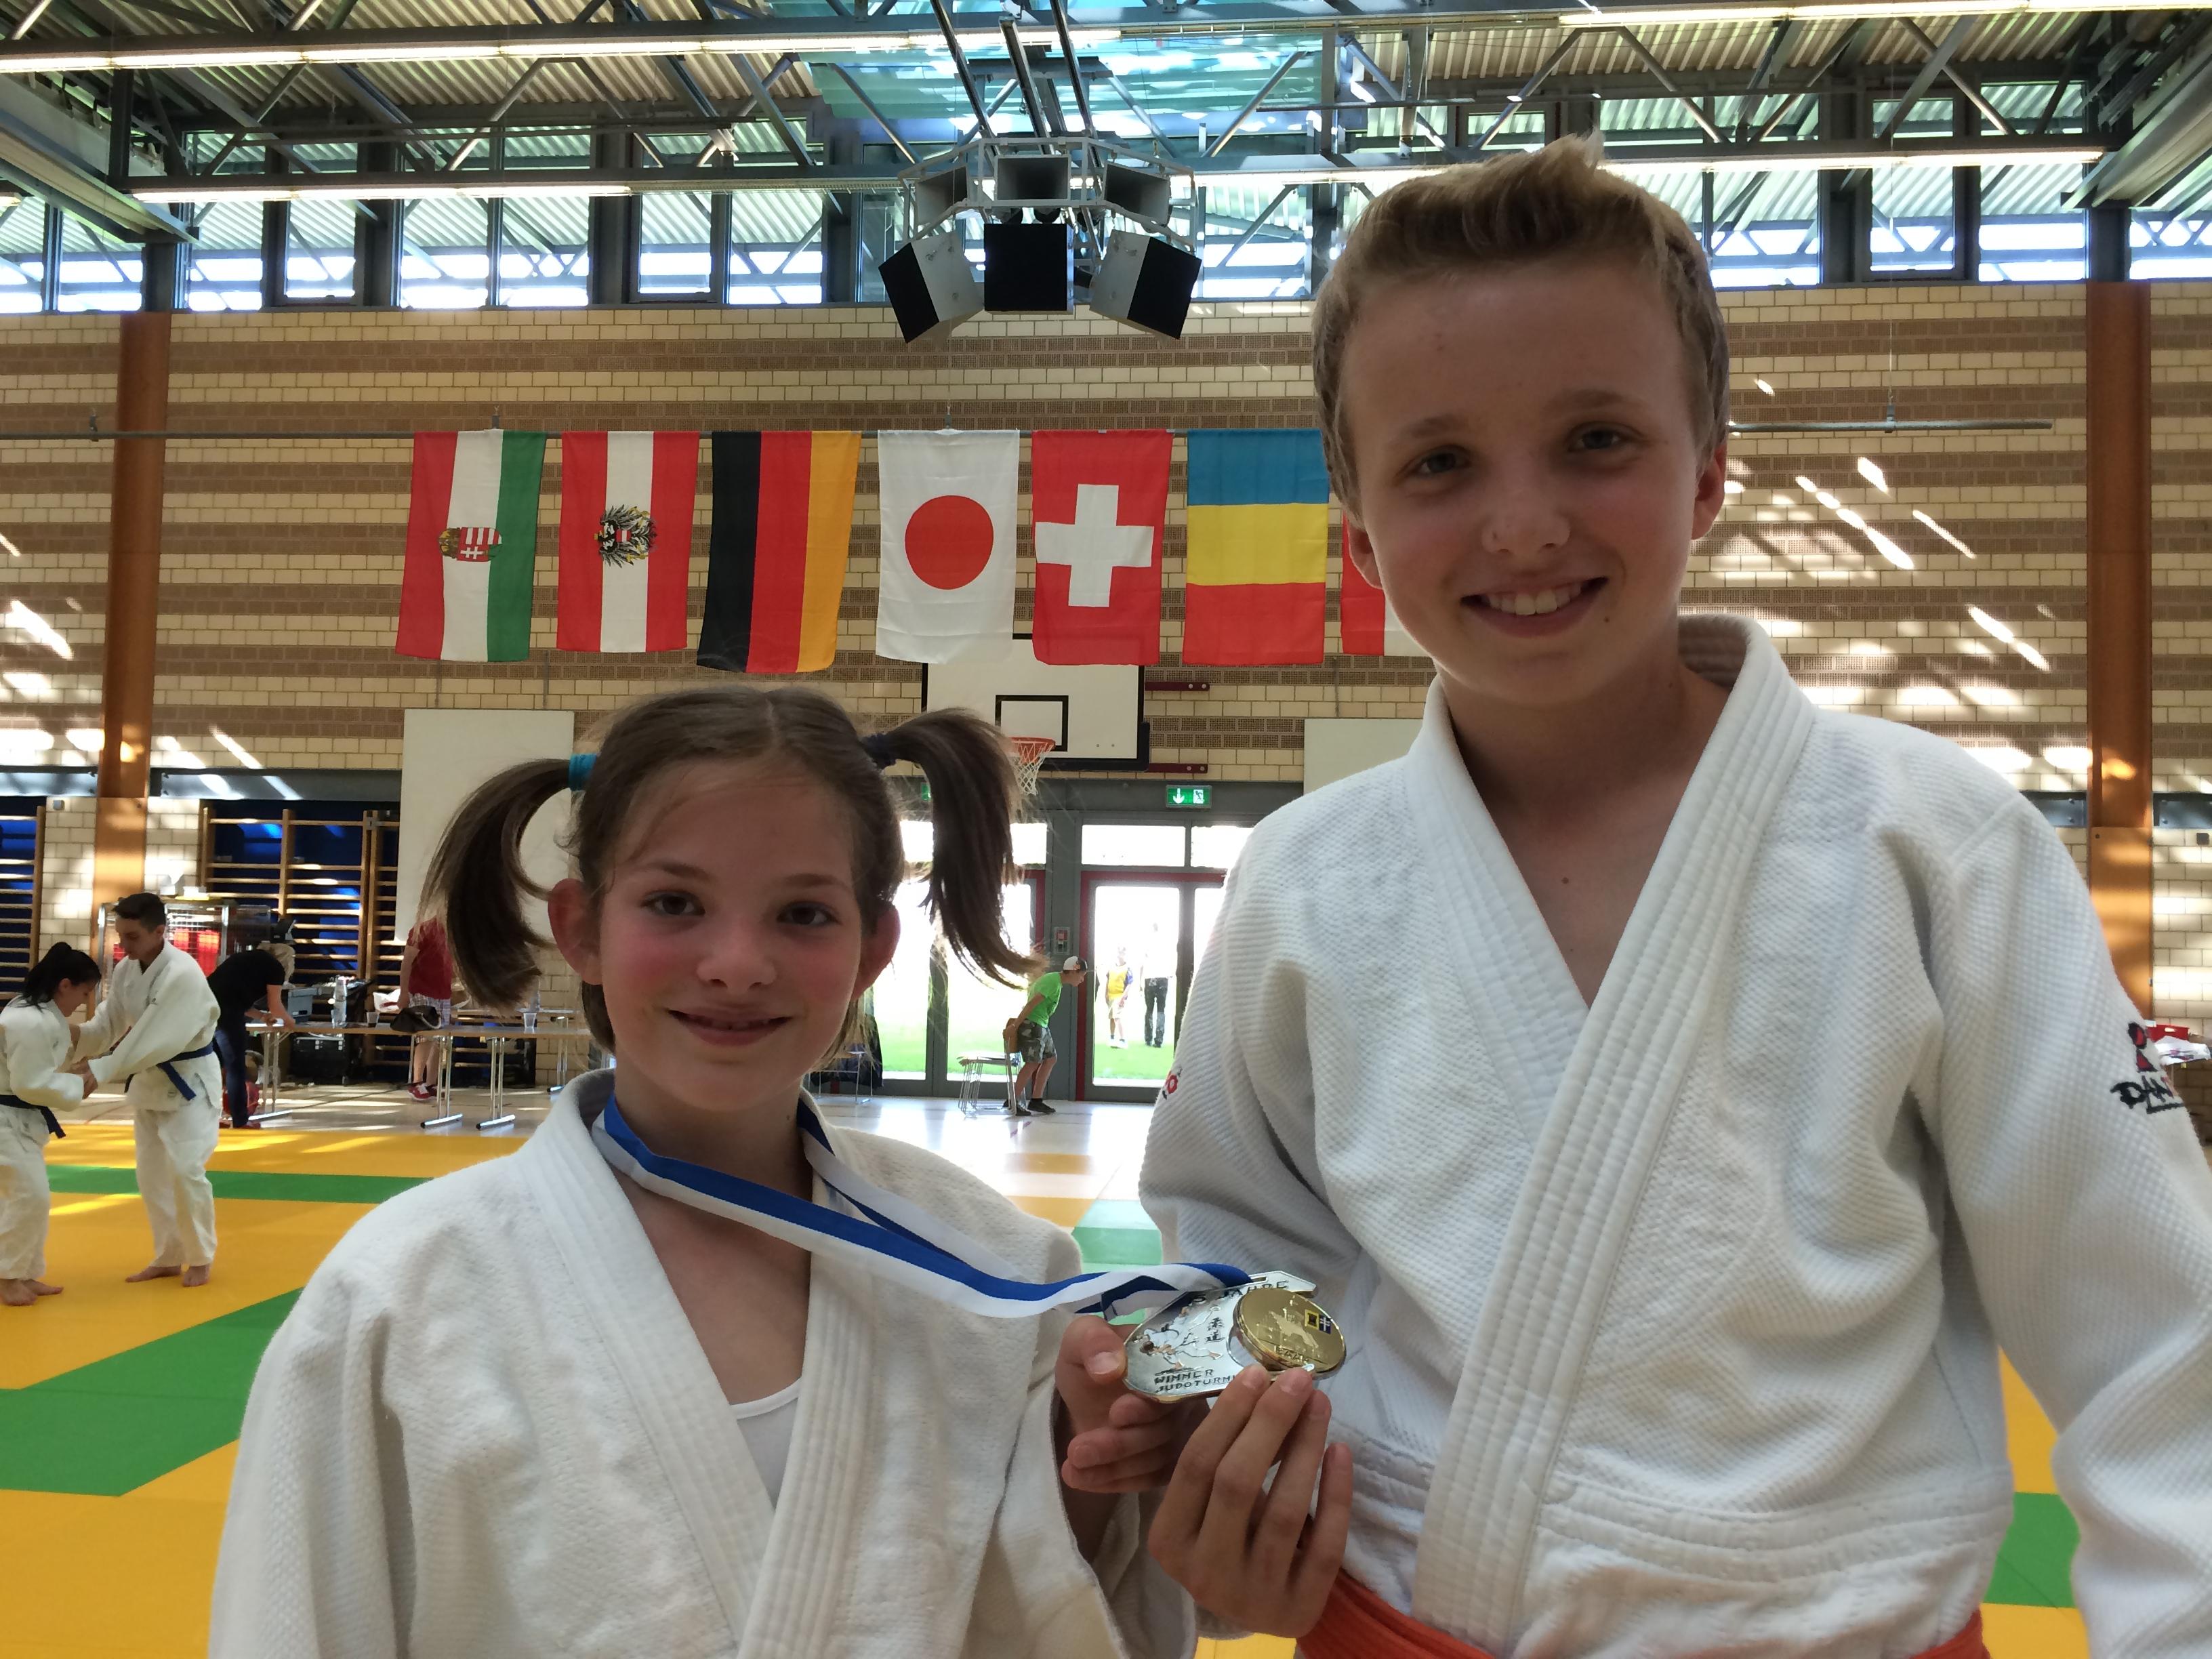 Francesca Albertini und Luca Realini am Winnerturnier mit der sehr schönen Silbermedaille